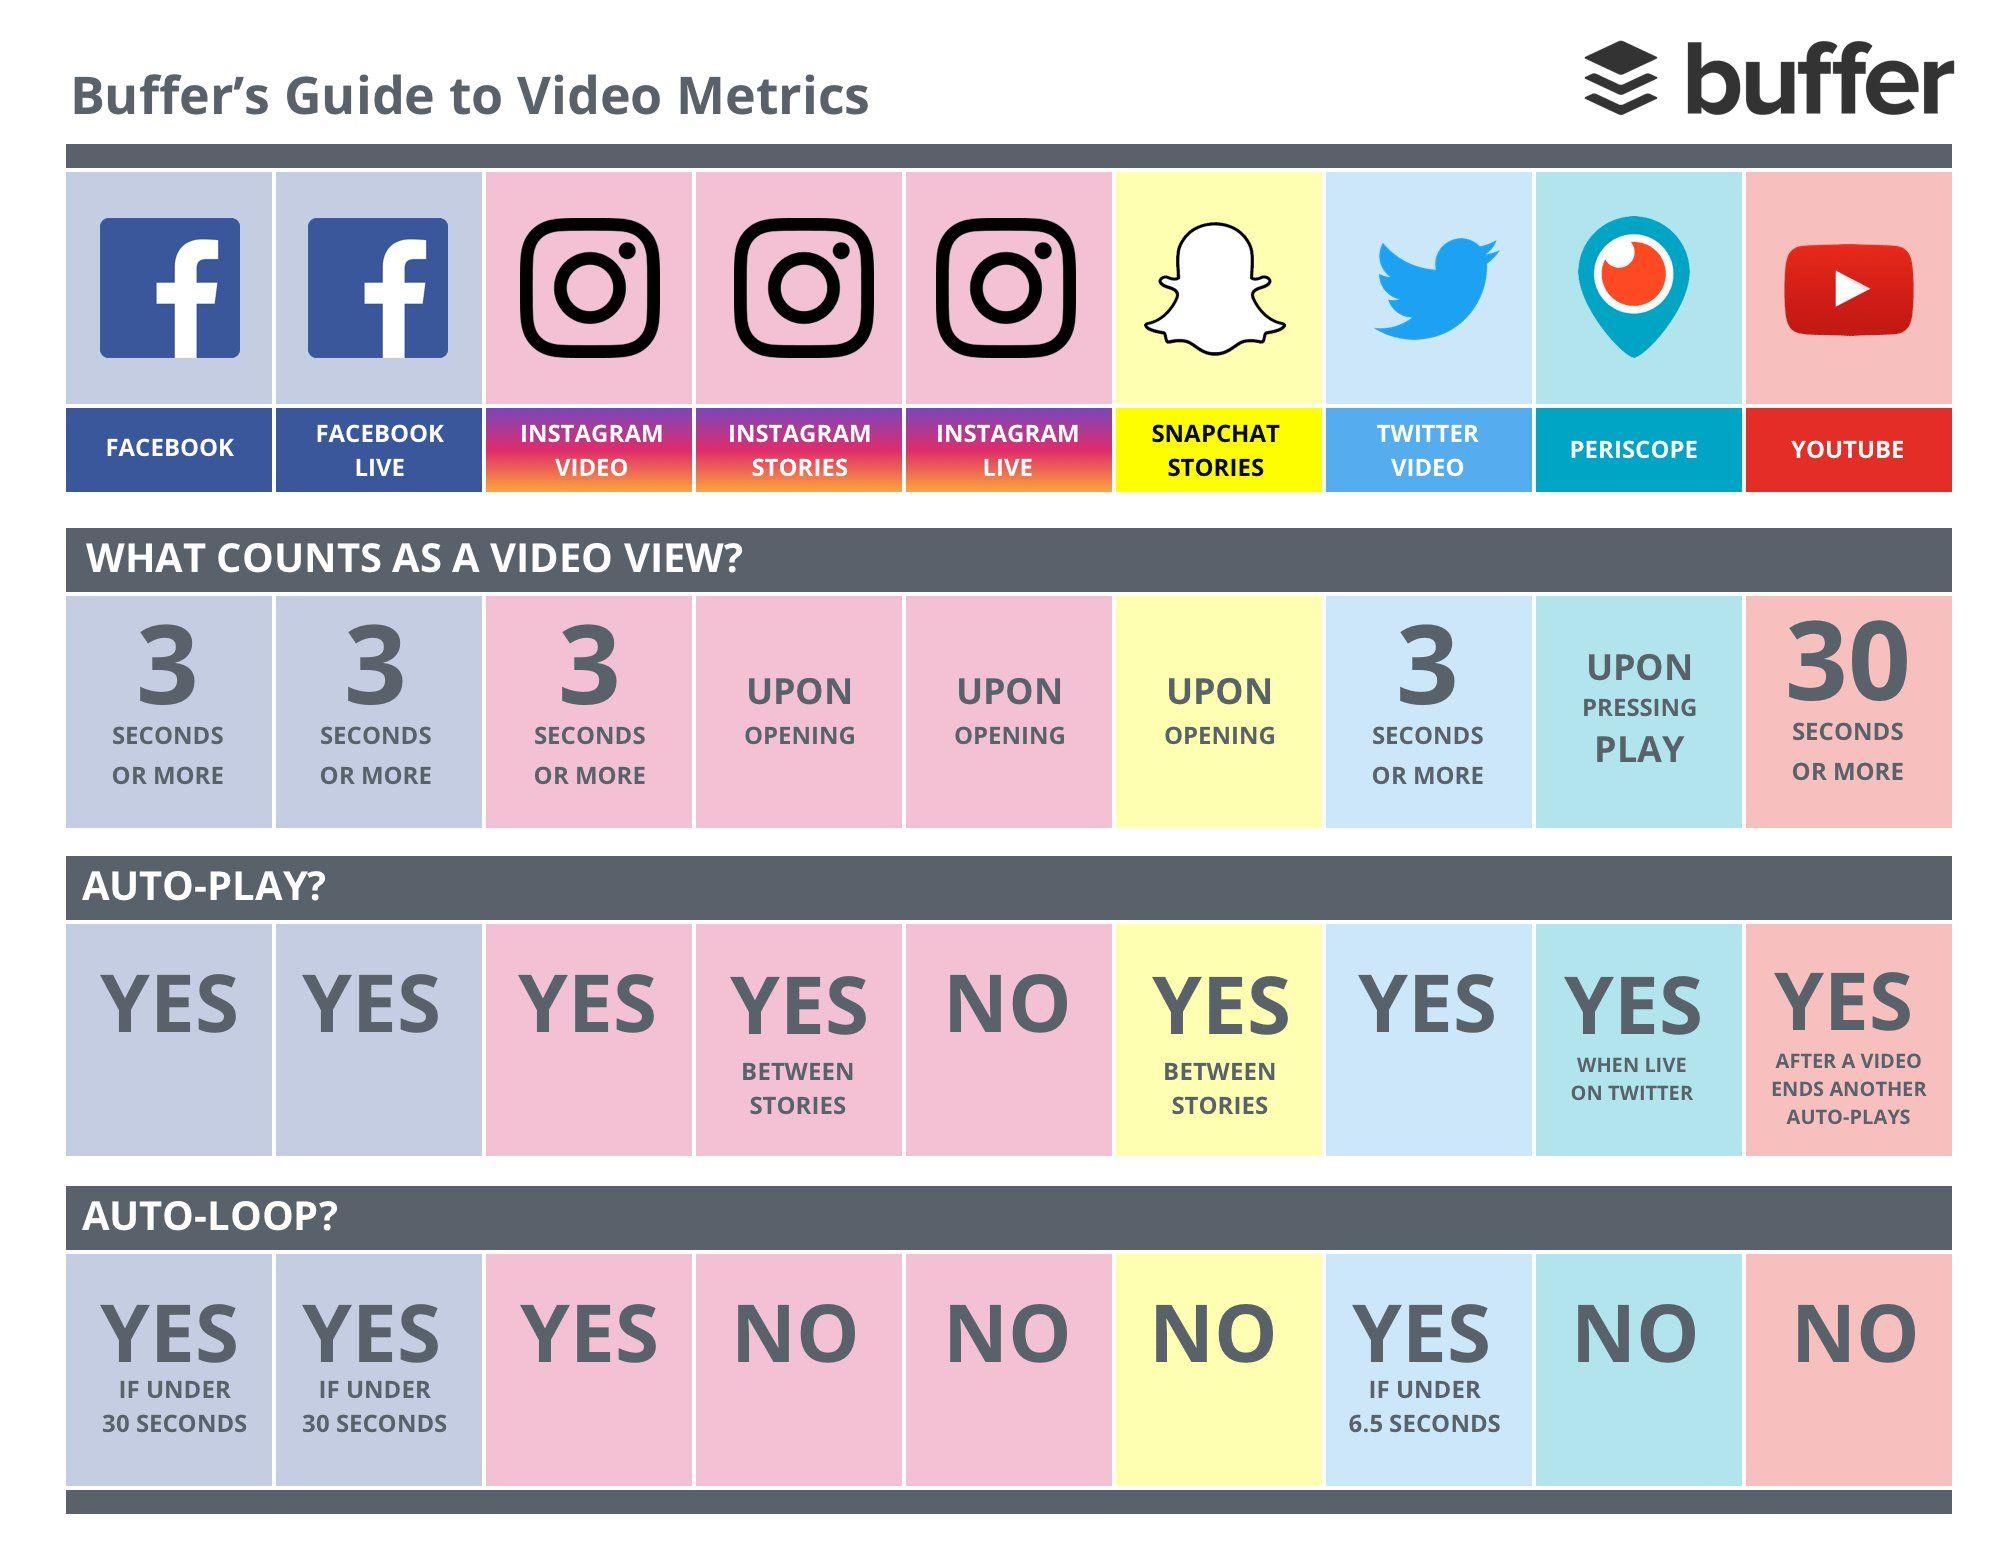 """Blog du Modérateur on Twitter: """"Vidéos sur les réseaux sociaux : @buffer publie un tableau récapitulatif https://t.co/1DwsTUF1uM https://t.co/zSbaTiwjjD"""""""